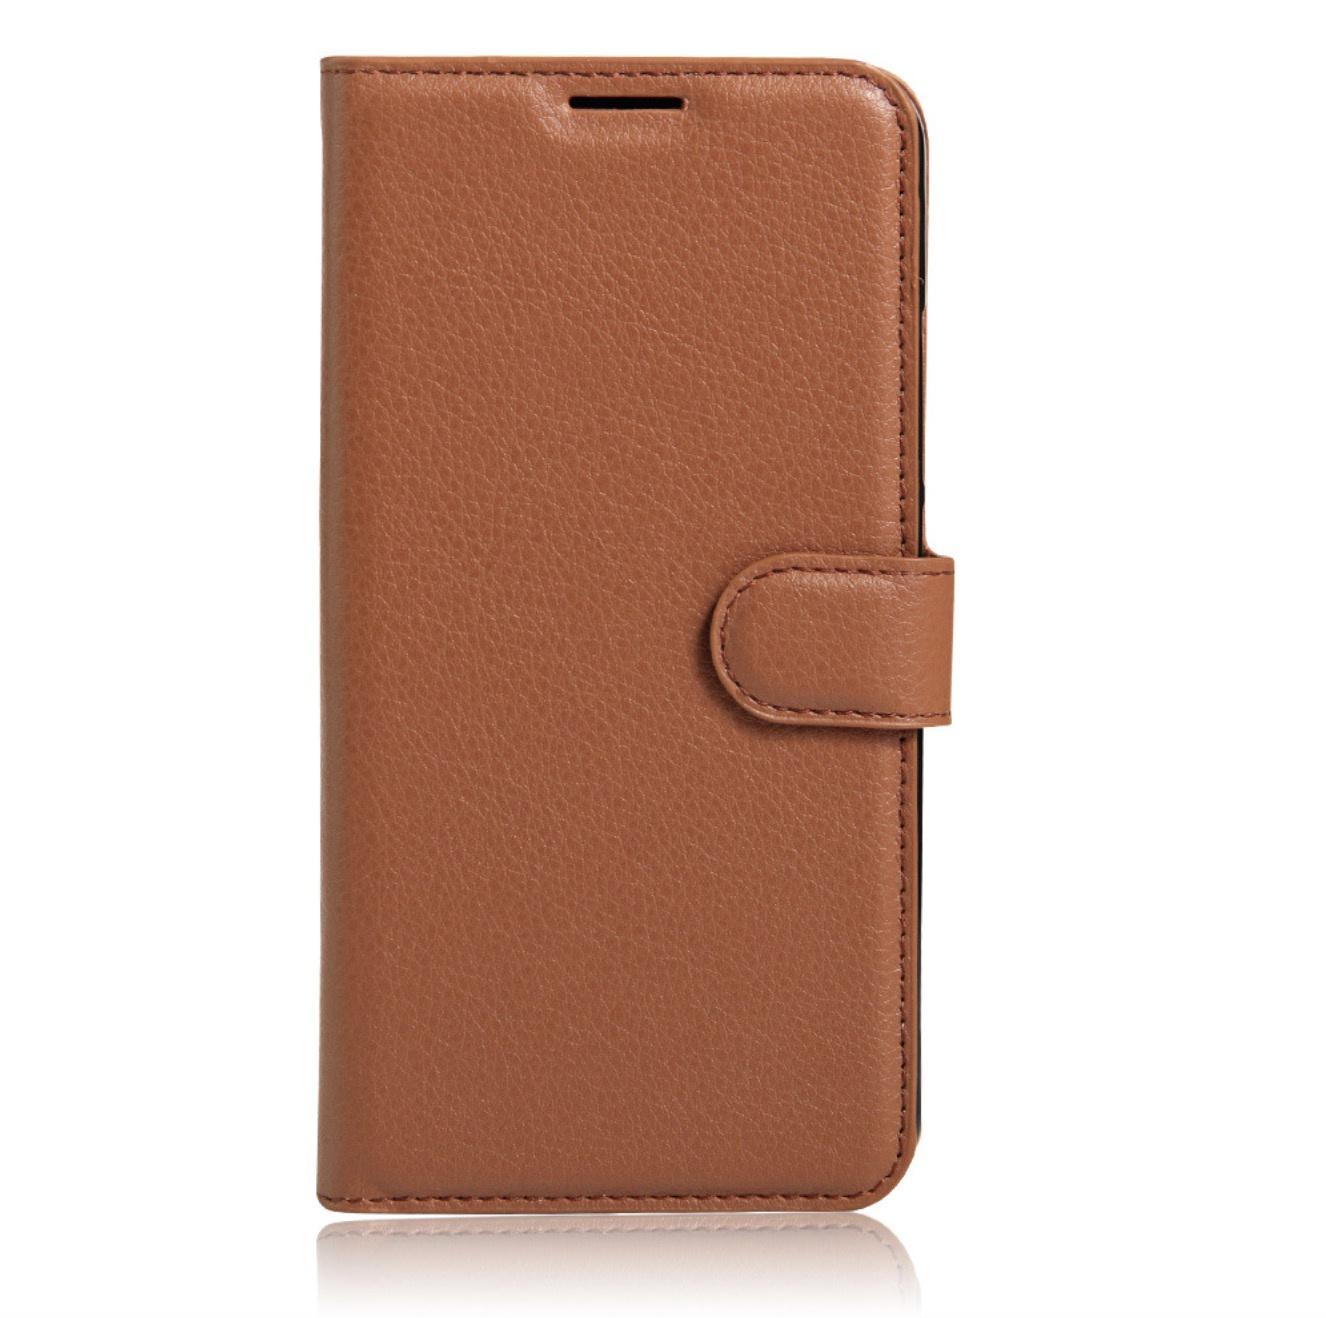 Чехол-книжка MyPads для Doogee X7 Pro с мульти-подставкой застёжкой и визитницей коричневый